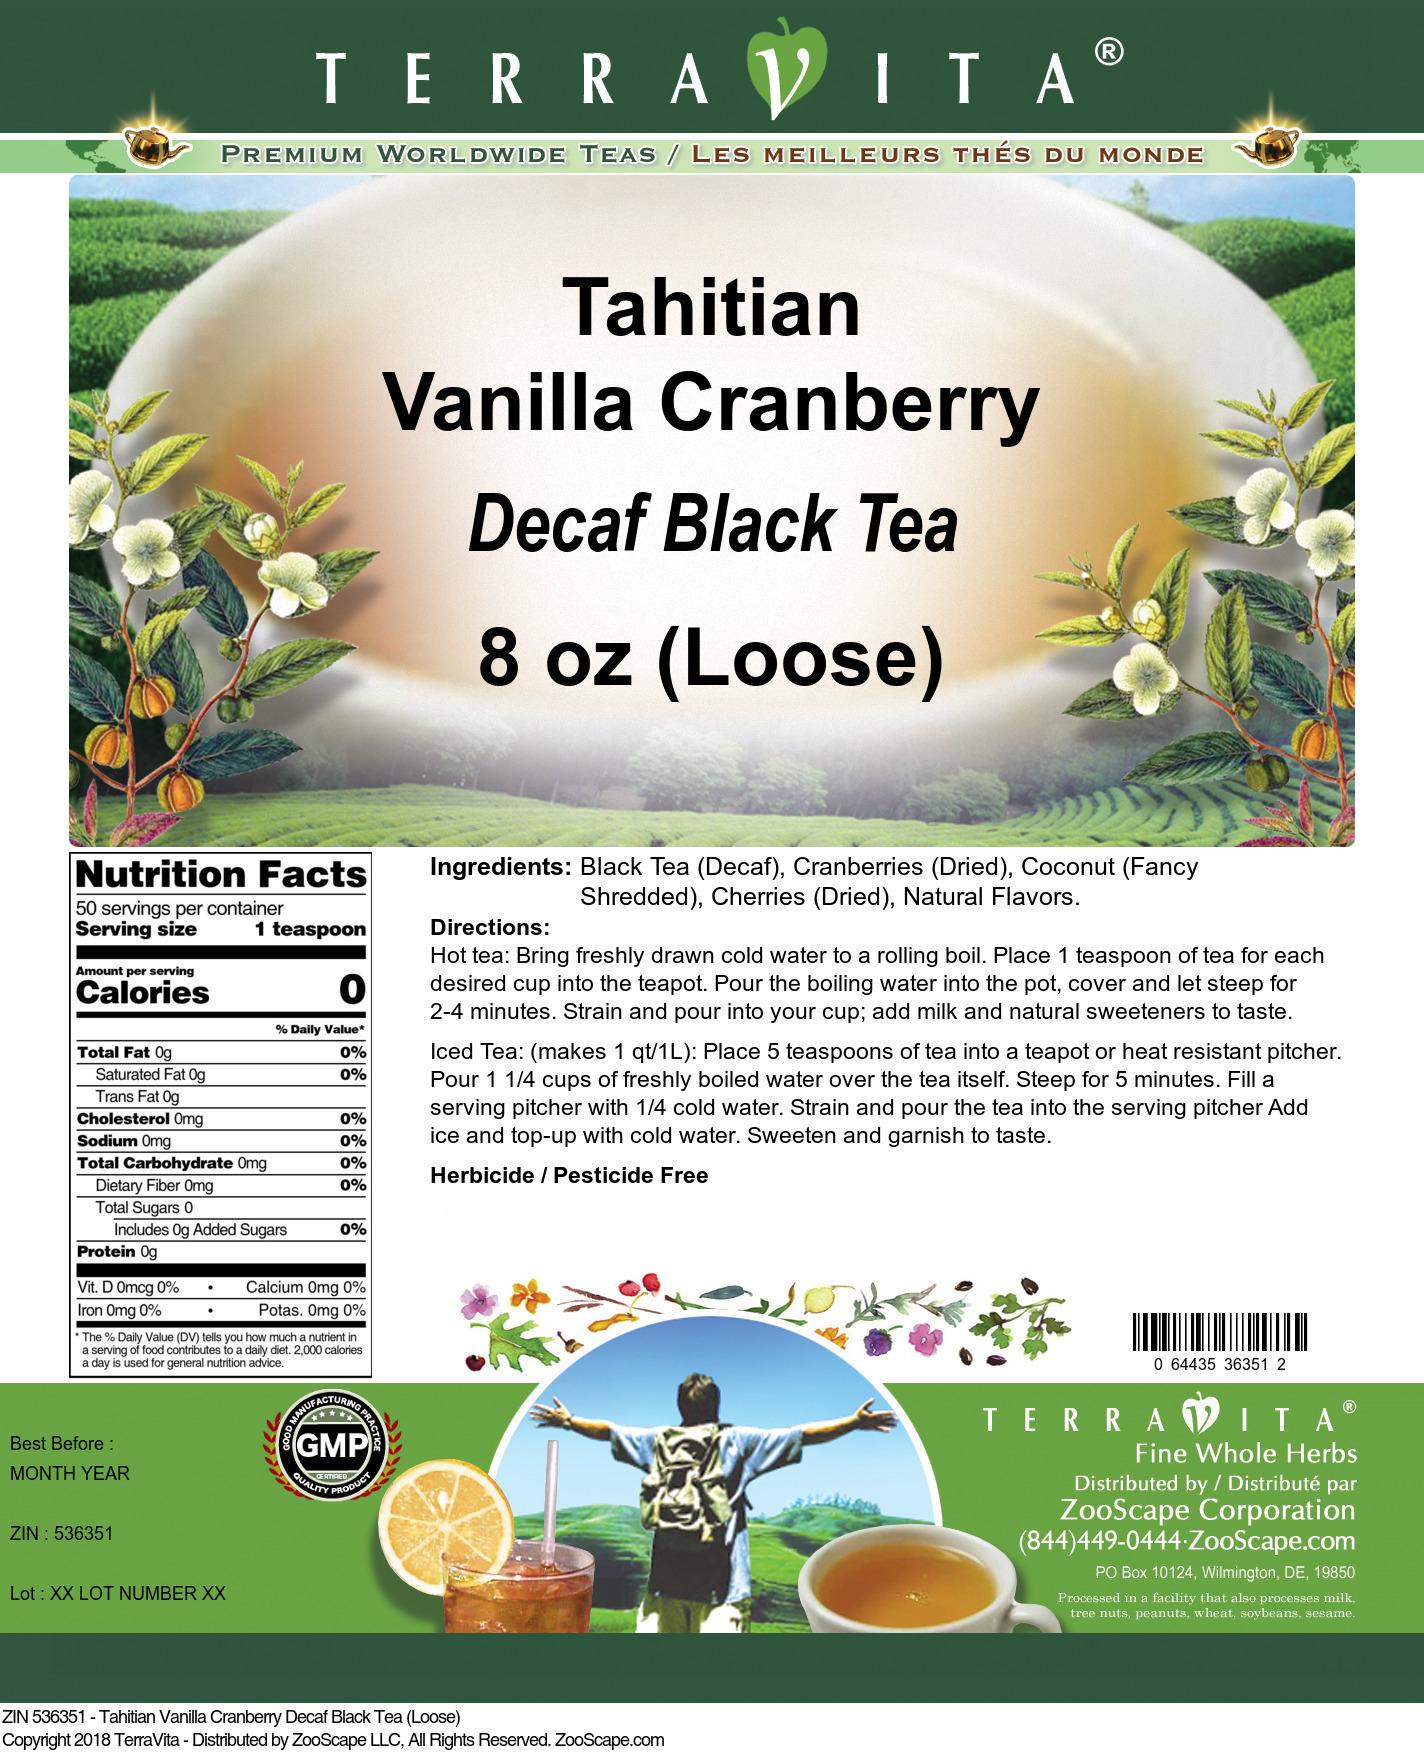 Tahitian Vanilla Cranberry Decaf Black Tea (Loose)